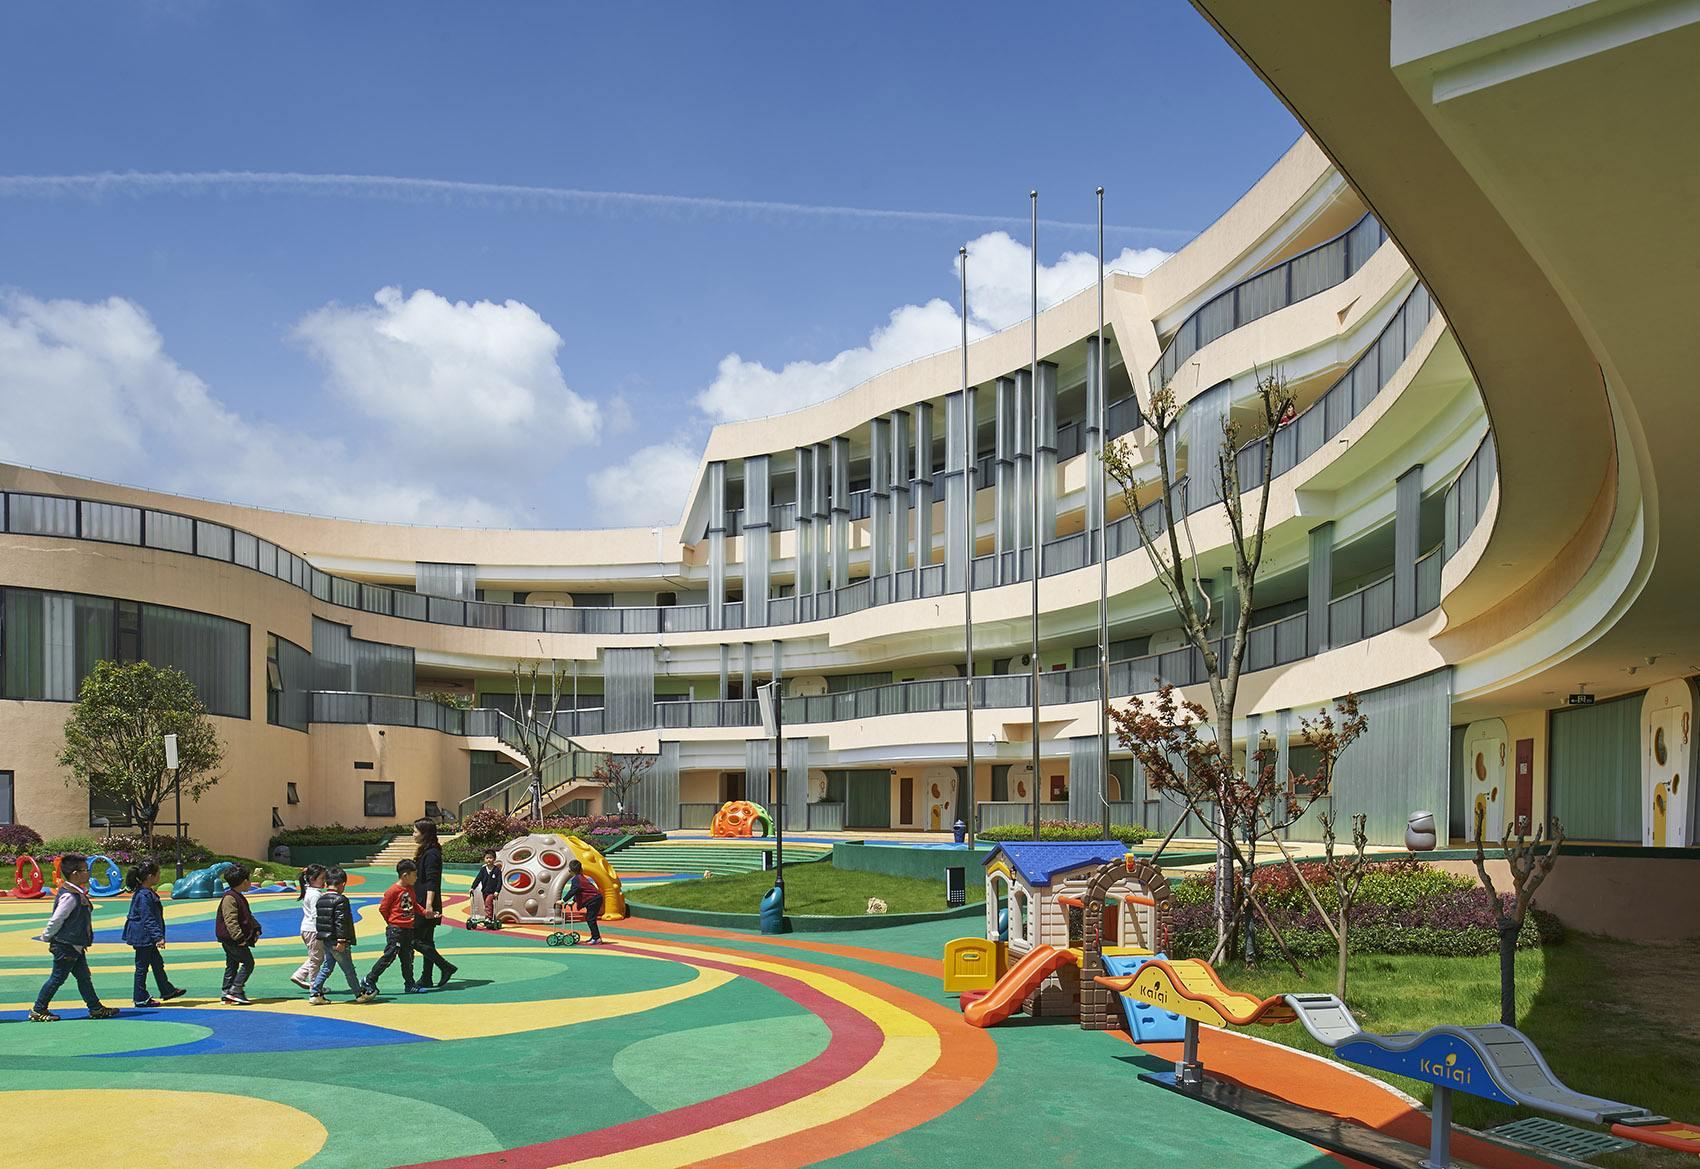 加大新建改扩建幼儿园力度